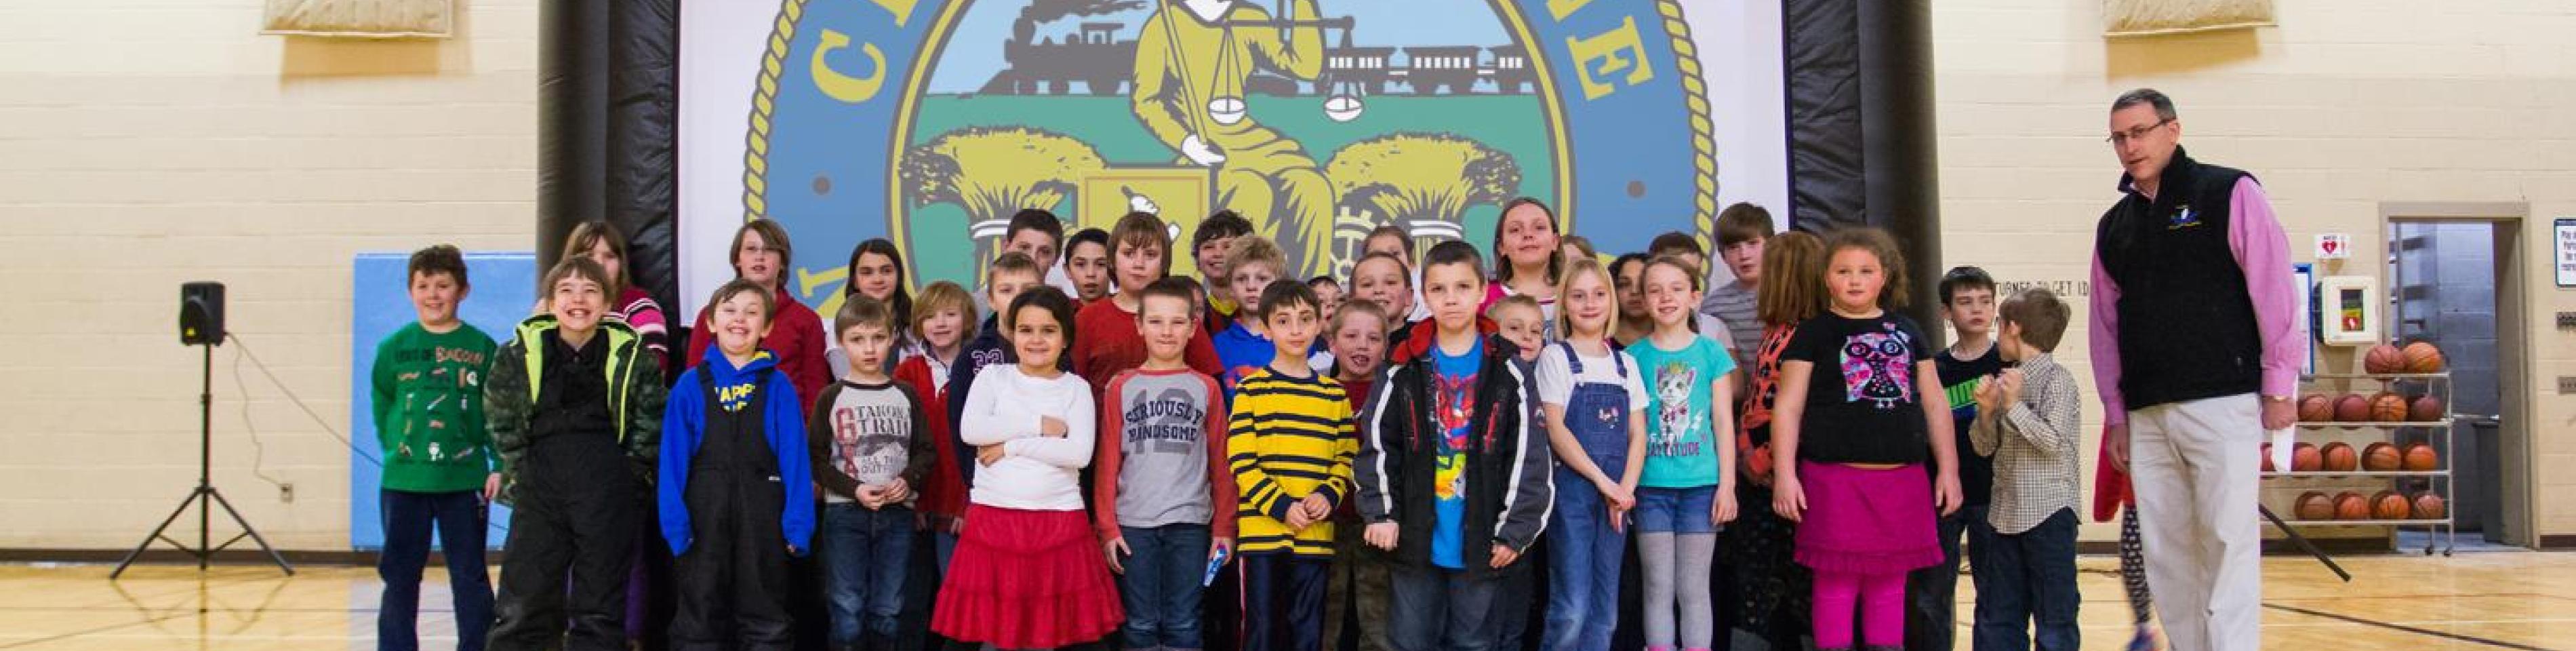 Keene Parks Childrens Programming